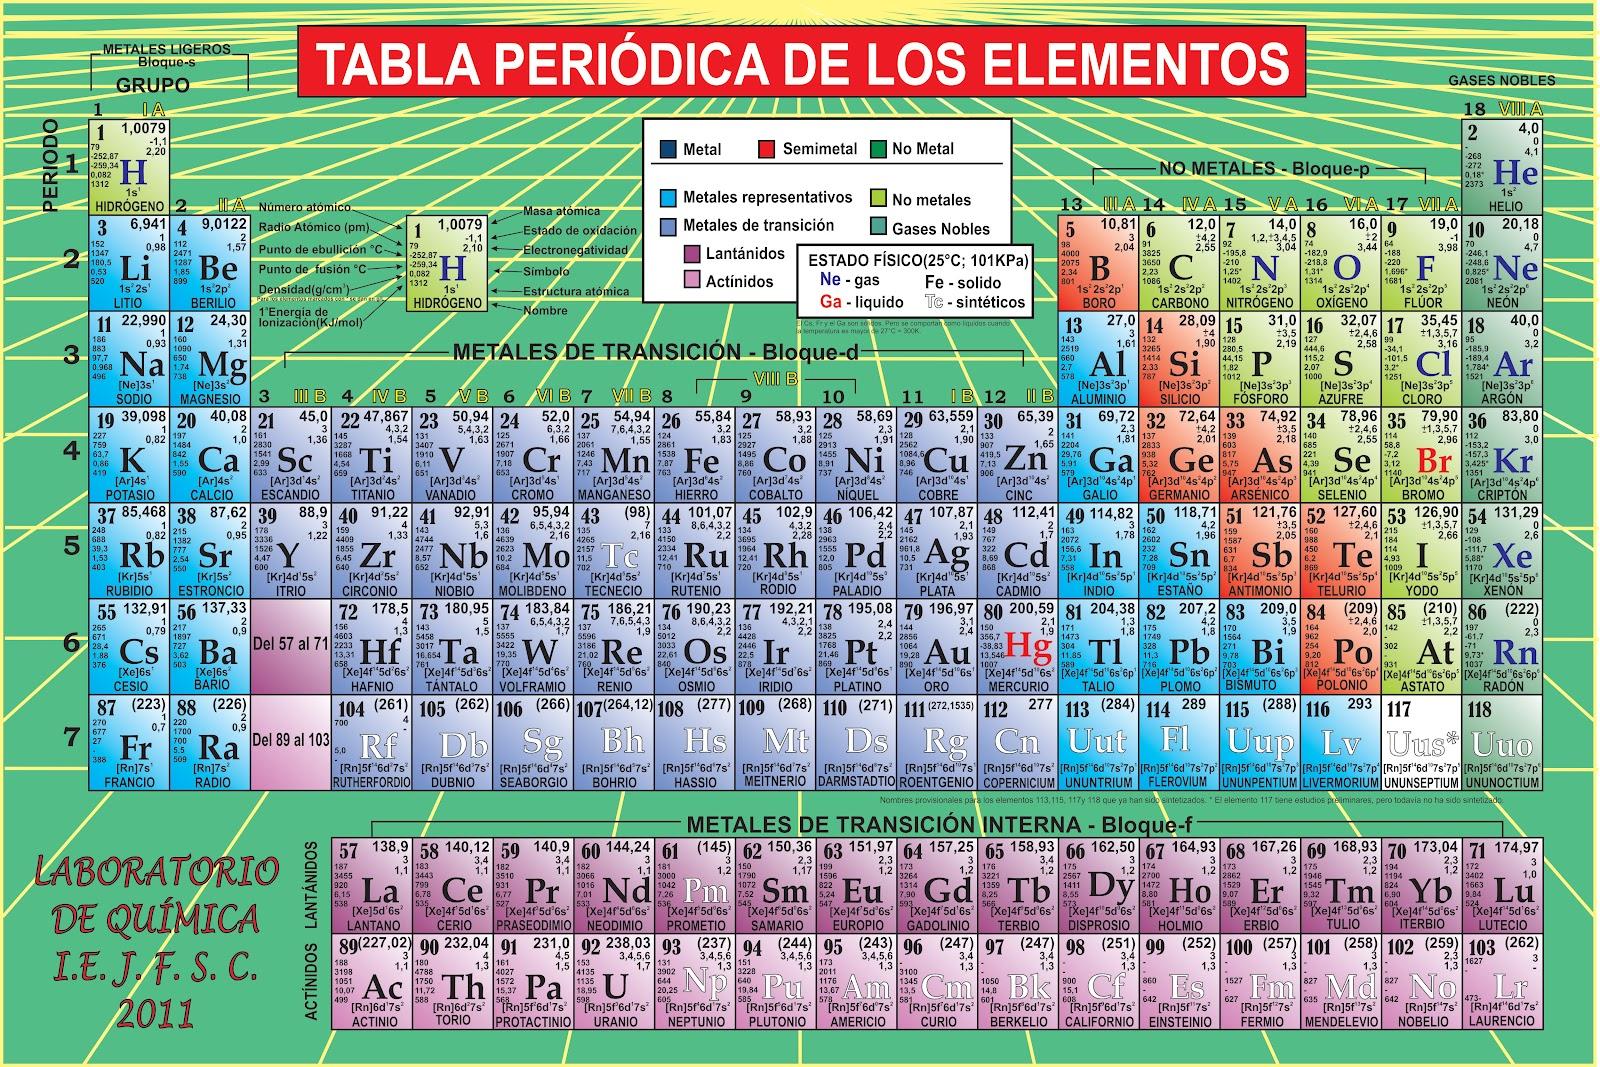 tabla peridica 2012 - Tabla Periodica Actualizada 2013